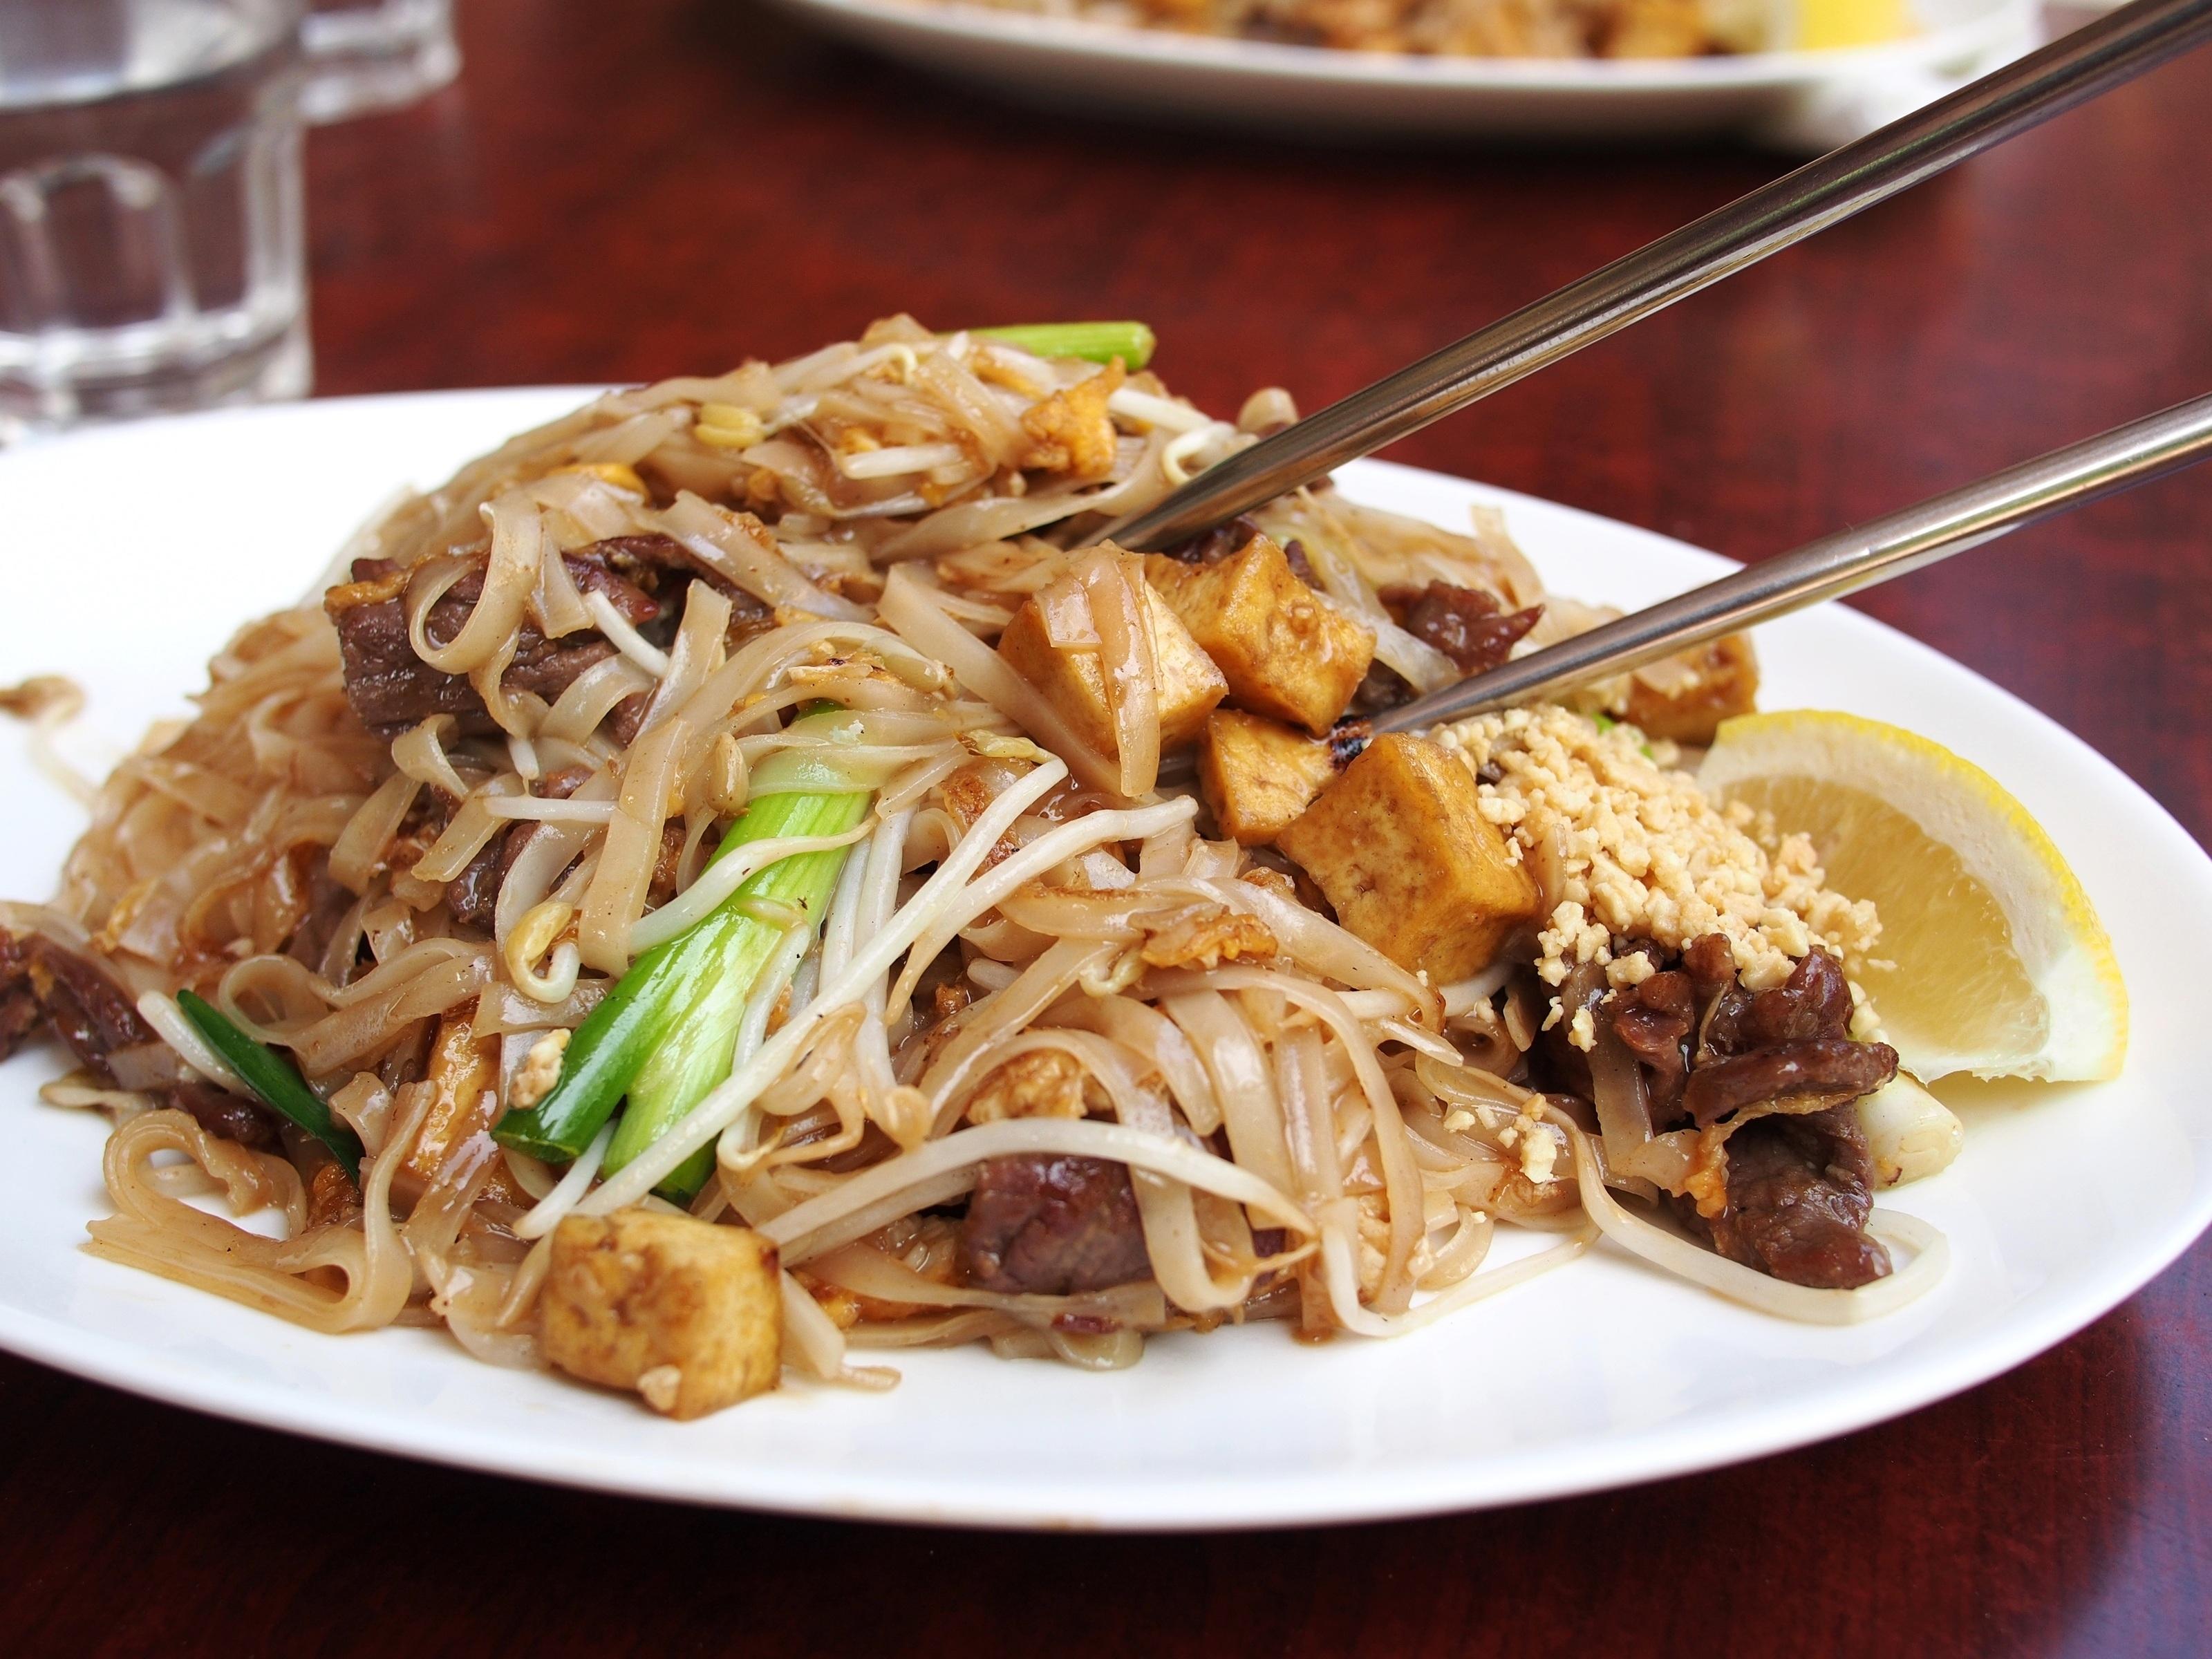 Kostenlose foto : Gericht, Mahlzeit, Lebensmittel, Teller, Fleisch ...